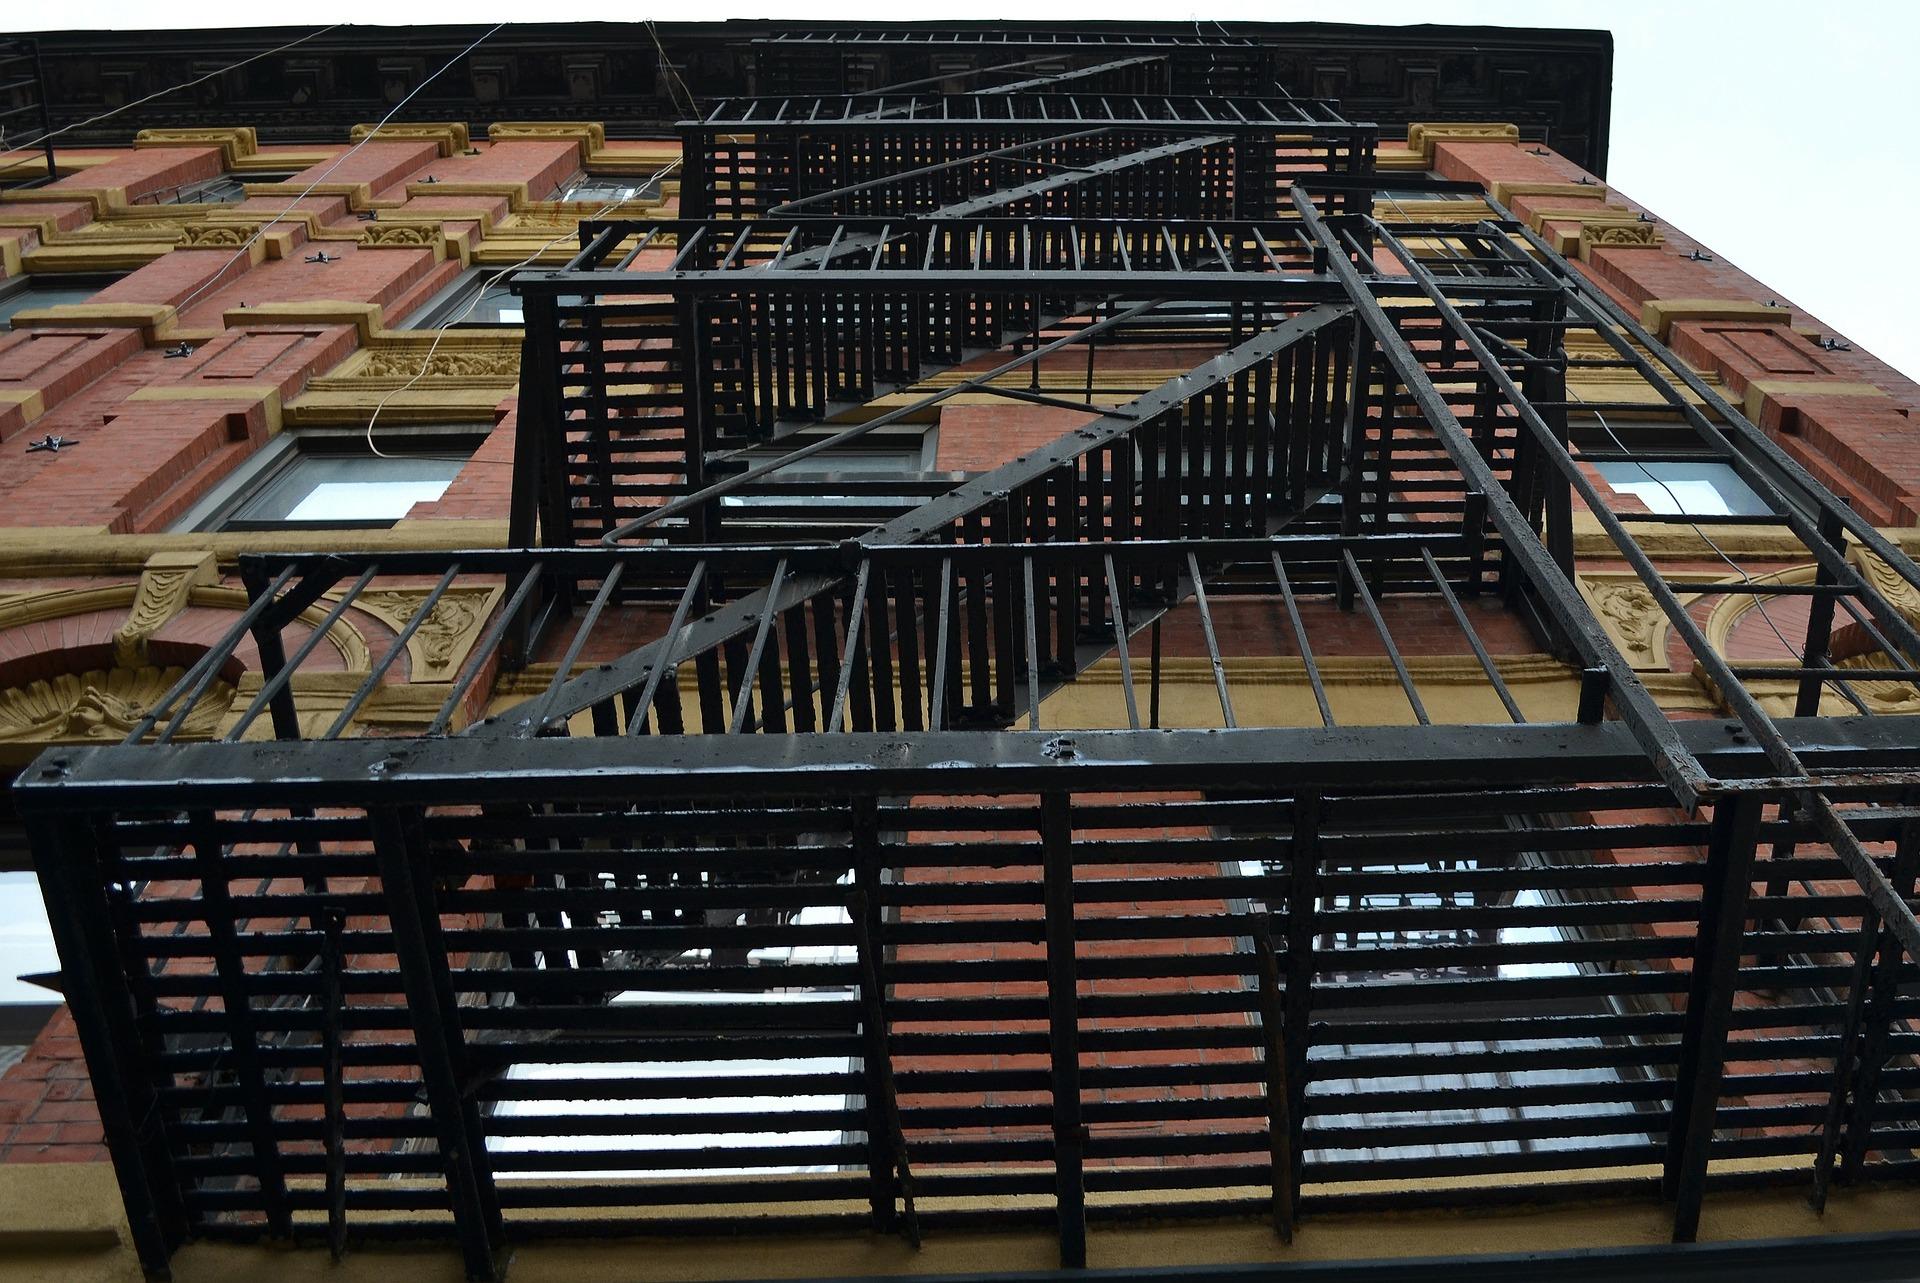 Испытание наружных пожарных лестниц и ограждений кровли зданий